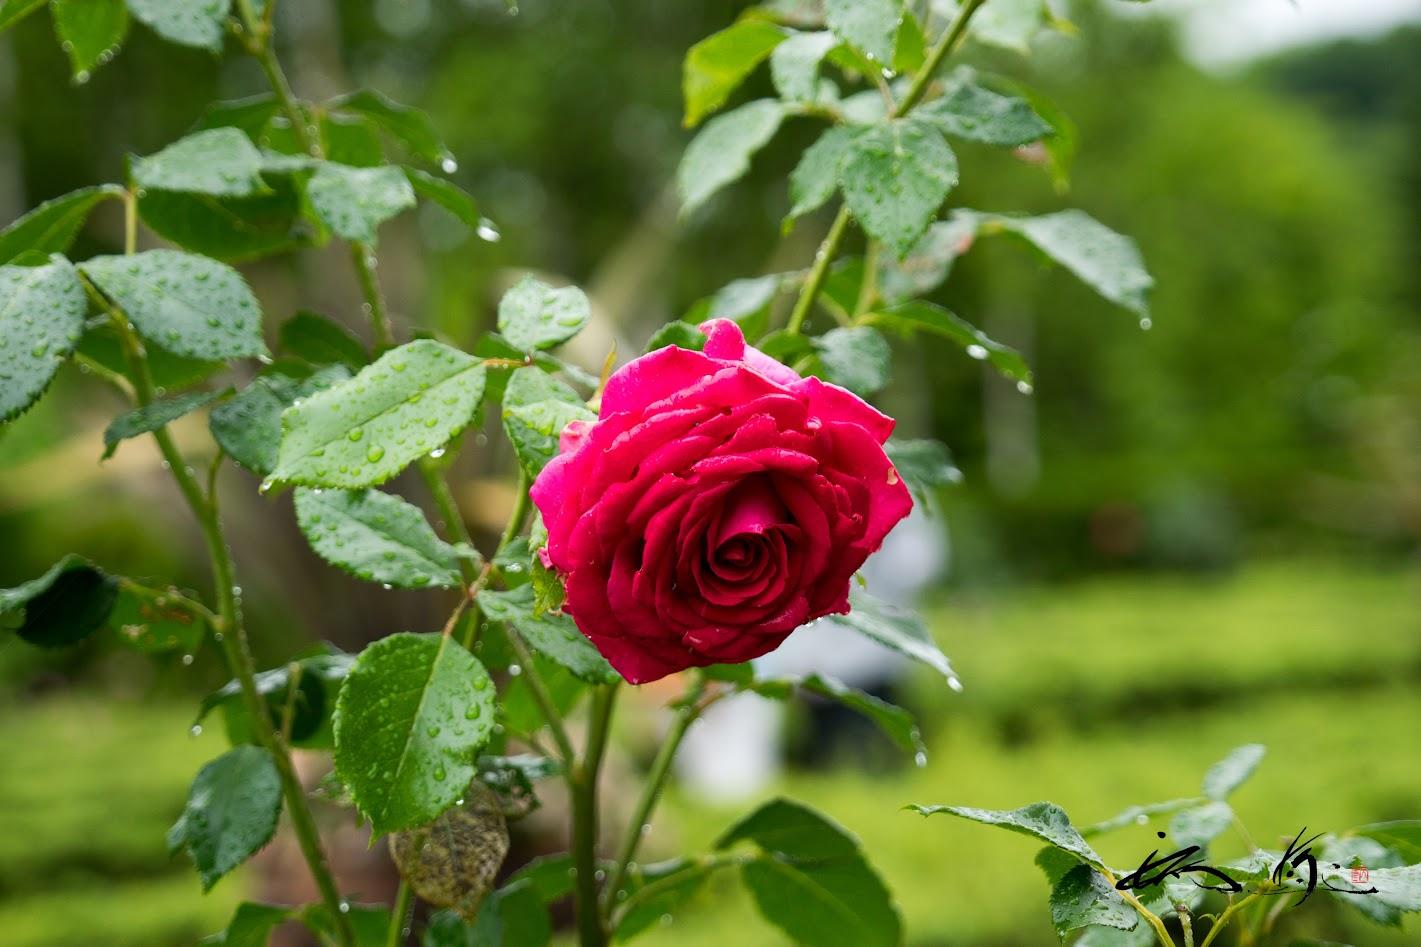 雨のしずくが滴る素敵な薔薇!